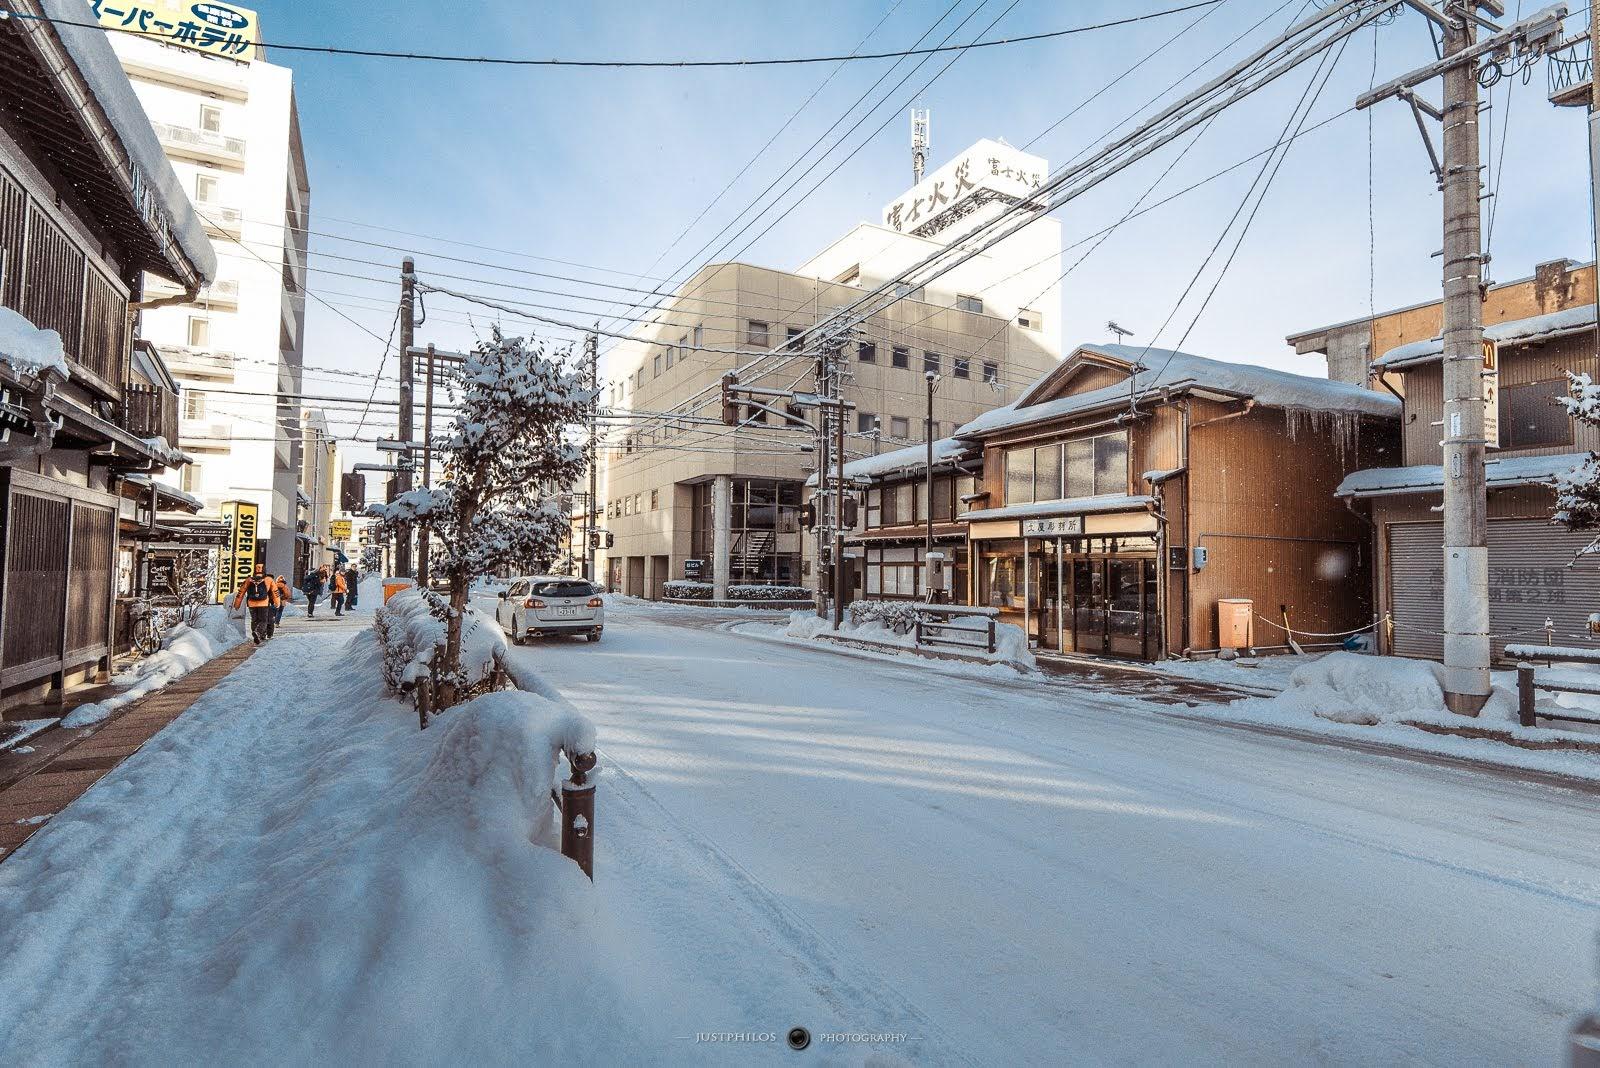 被白雪覆蓋的高山市街有如置身銀白國度中。